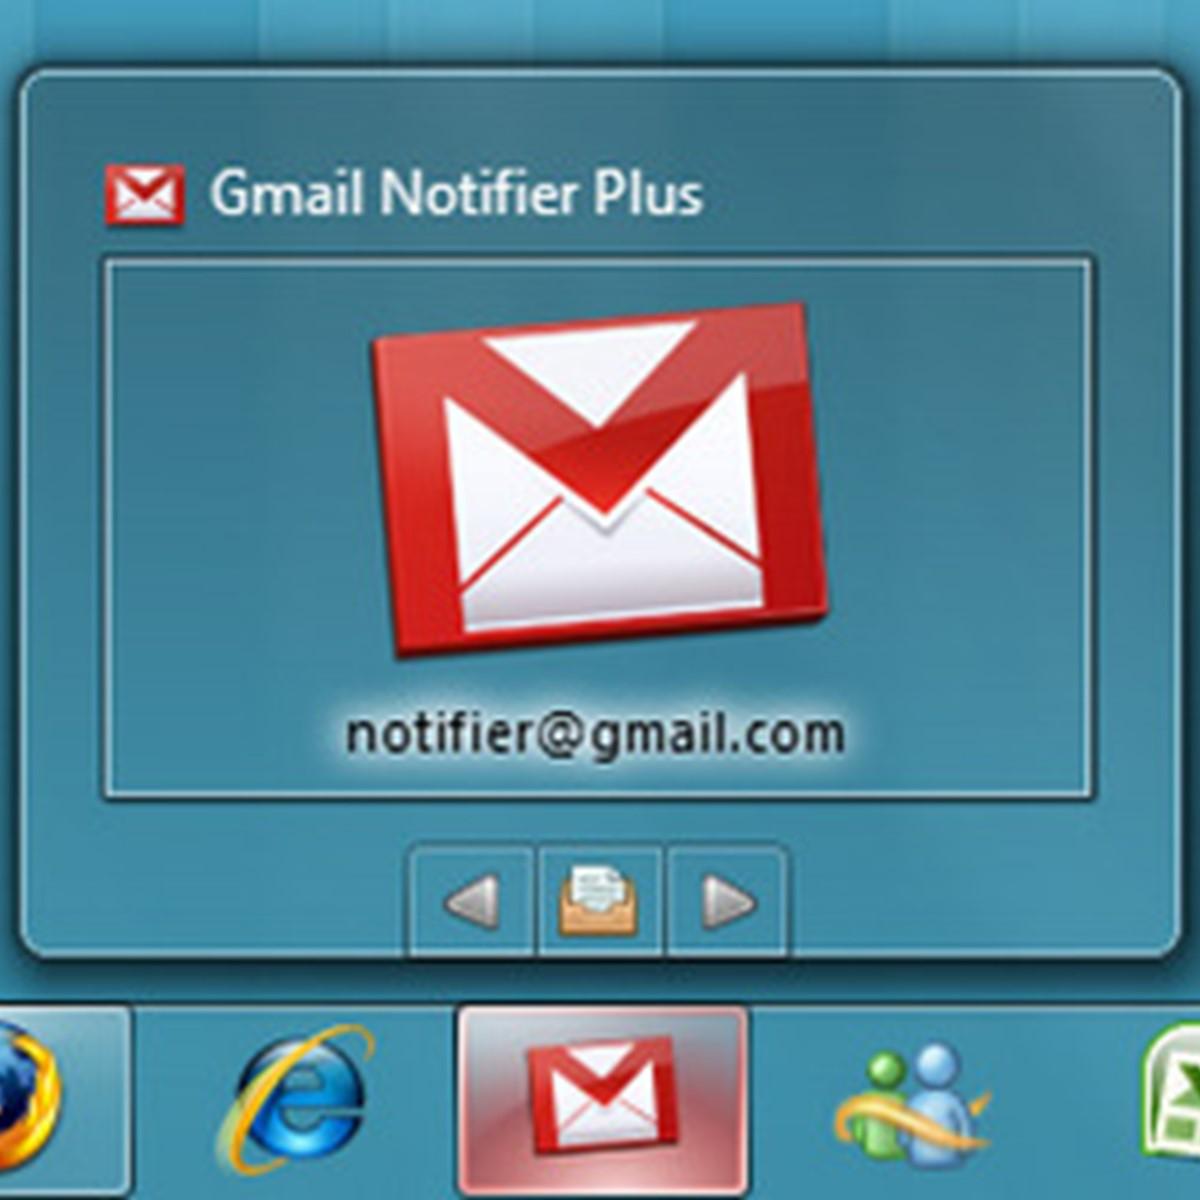 crisstel.ro Arduino – Gmail Notifier În acest tutorial vei descoperi cum se poate programa placa Arduino astfel încât să te anunțe atunci când primești mail-uri noi Placa Arduino se va conecta la calculator prin portul USB în timp ce un script Python citește periodic numărul de mail-uri Dacă exista un mail nou atunci script-ul transmite o comanda către placa Arduino iar placa Arduino la rândul ei va comanda un servomotor Poți să conectezi de brațul servomotorului un steguleț în așa fel încât dacă primești un mail nou stegulețul se va ridica iar după ce îl citești stegulețul se va cobori Un alimentator extern Arduino 9V@1A Fire de conectare cu capete tată – tată Un servomotor O placa Arduino